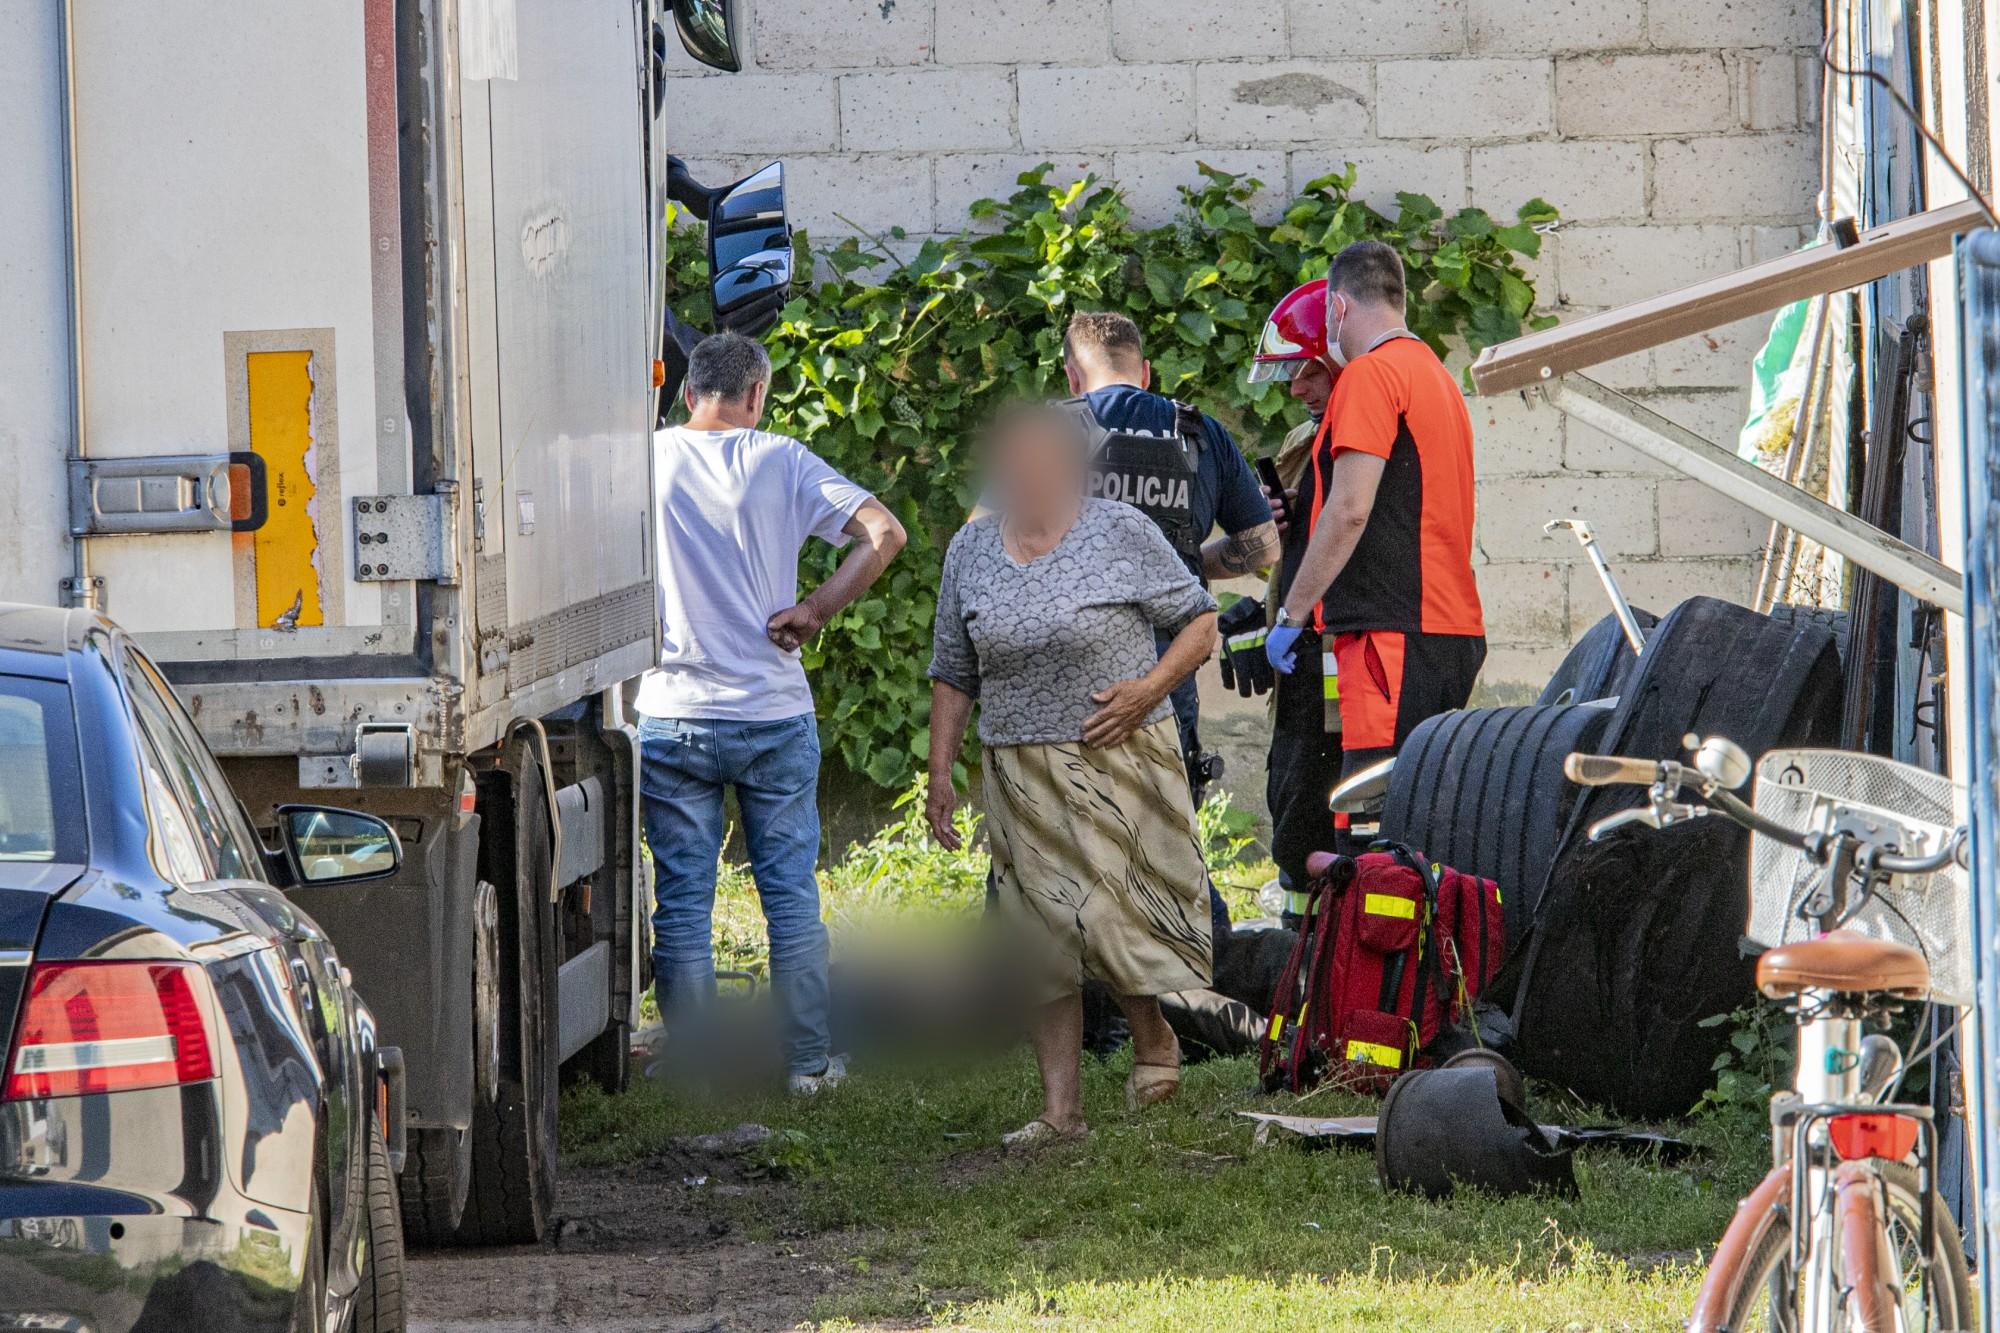 Tragedia pod Kutnem! Mężczyzna śmiertelnie przygnieciony przez ciężarówkę [ZDJĘCIA] - Zdjęcie główne